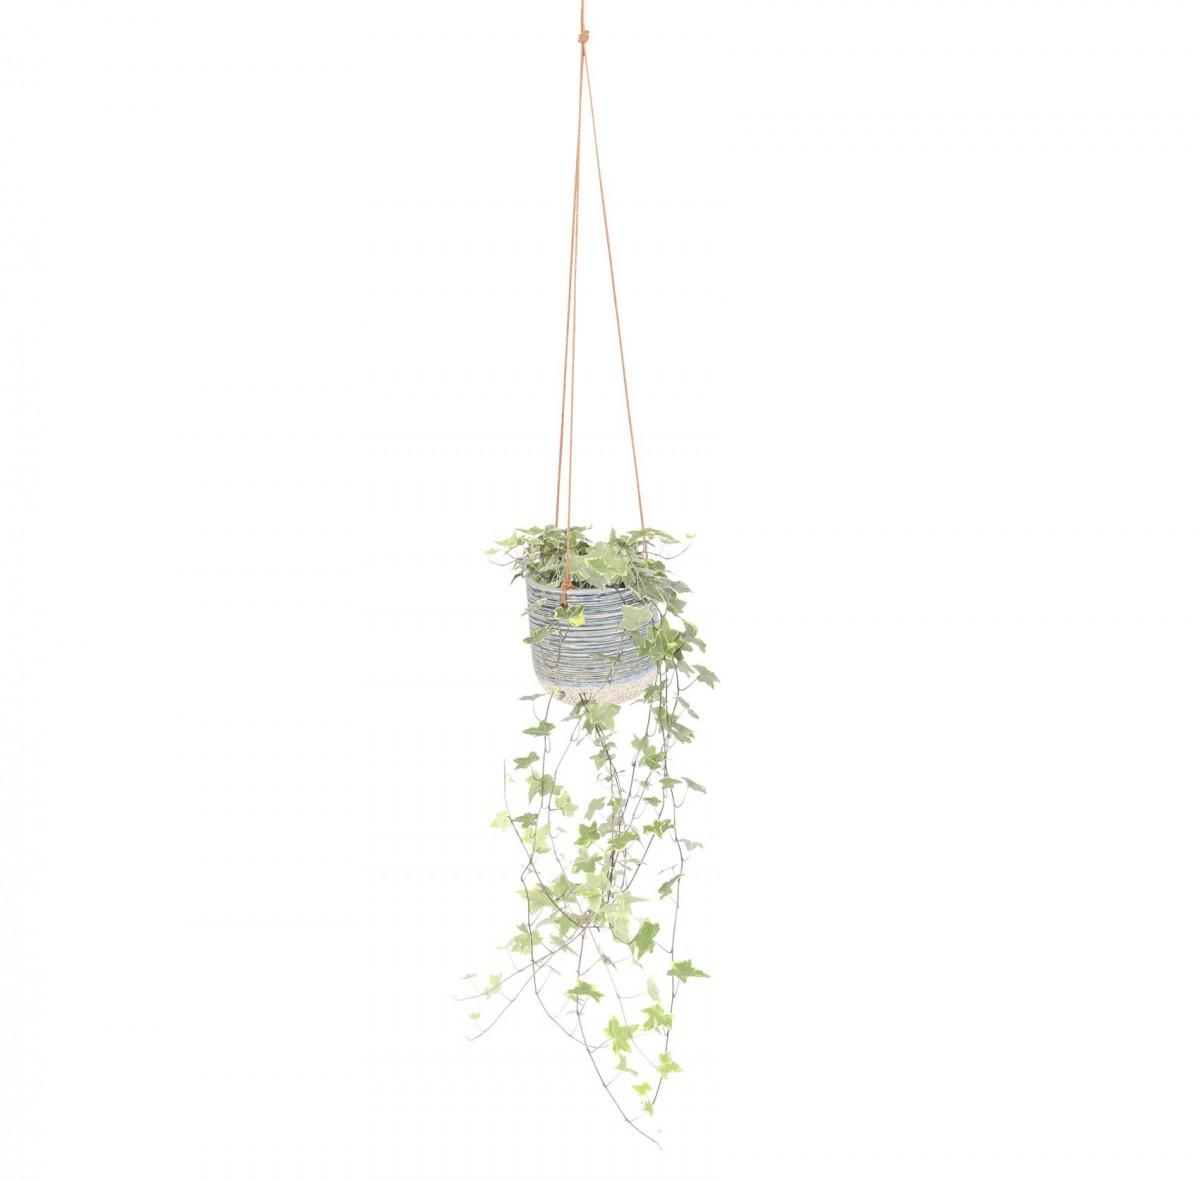 Plantenkamer-issa-blauw-hangpot